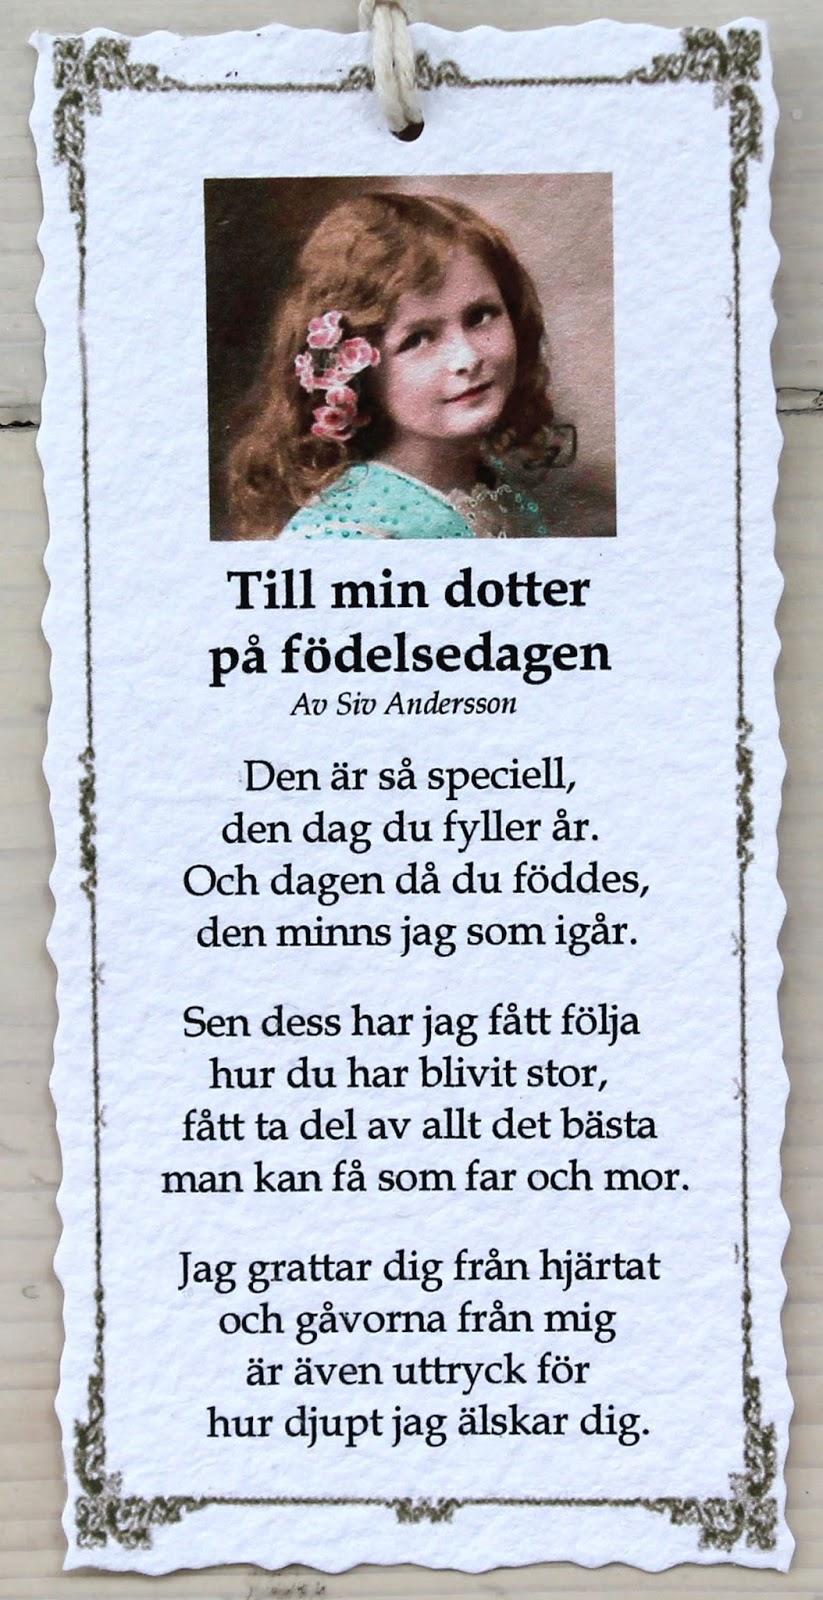 grattis dikt till min dotter Annas idéer bloggbutik: september 2015 grattis dikt till min dotter